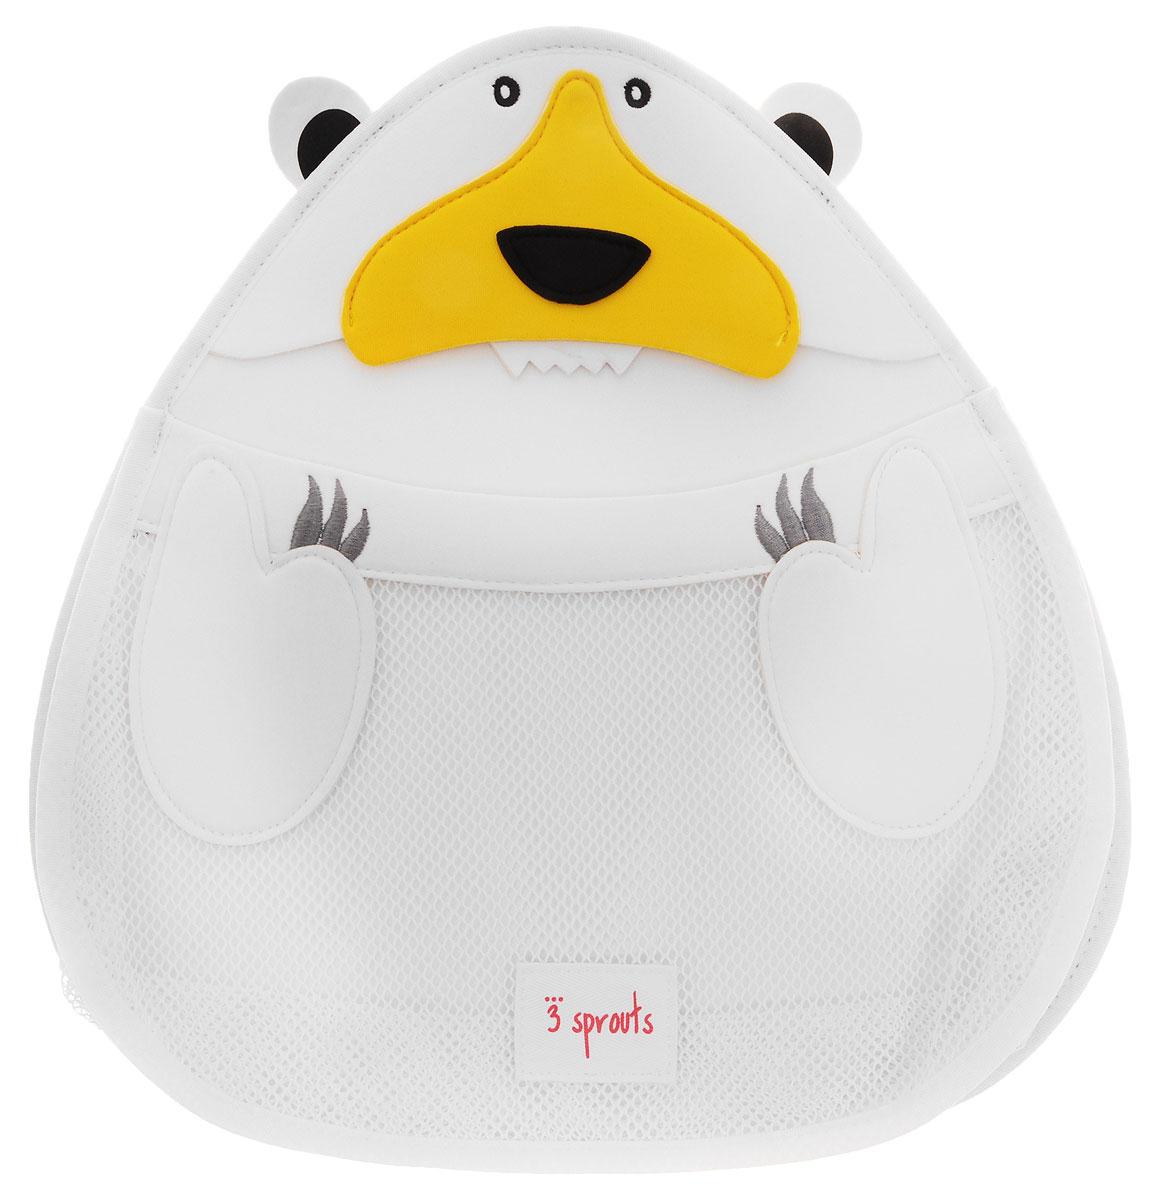 3 Sprouts Органайзер для ванной Белый мишка00012Органайзер для ванной 3 Sprouts Белый мишка идеально подойдет для хранения банных принадлежностей вашего малыша.Он изготовлен из материала, используемого для гидрокостюмов, так что все игрушки и банные принадлежности будут храниться в сухости, а также защищены от плесени. Эластичный рот косметички превращает поиск той самой игрушки в настоящую охоту!Крепится изделие на присоску.